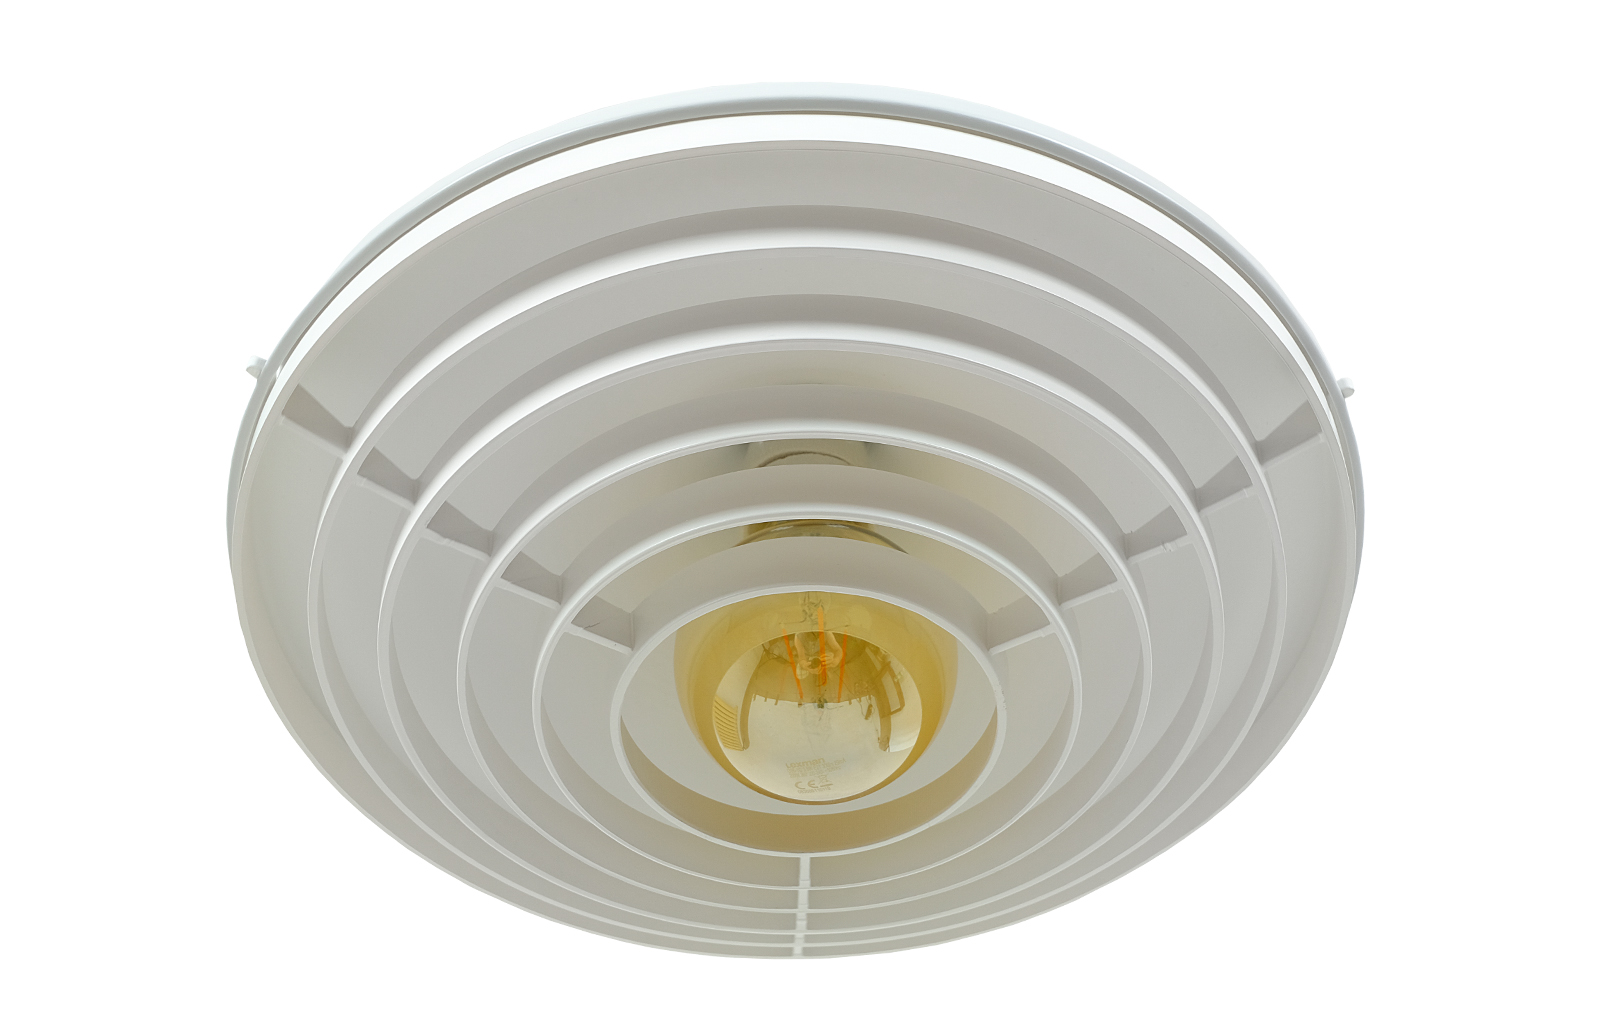 Lampa OR-5. Lampa PRL. Lampa loft.